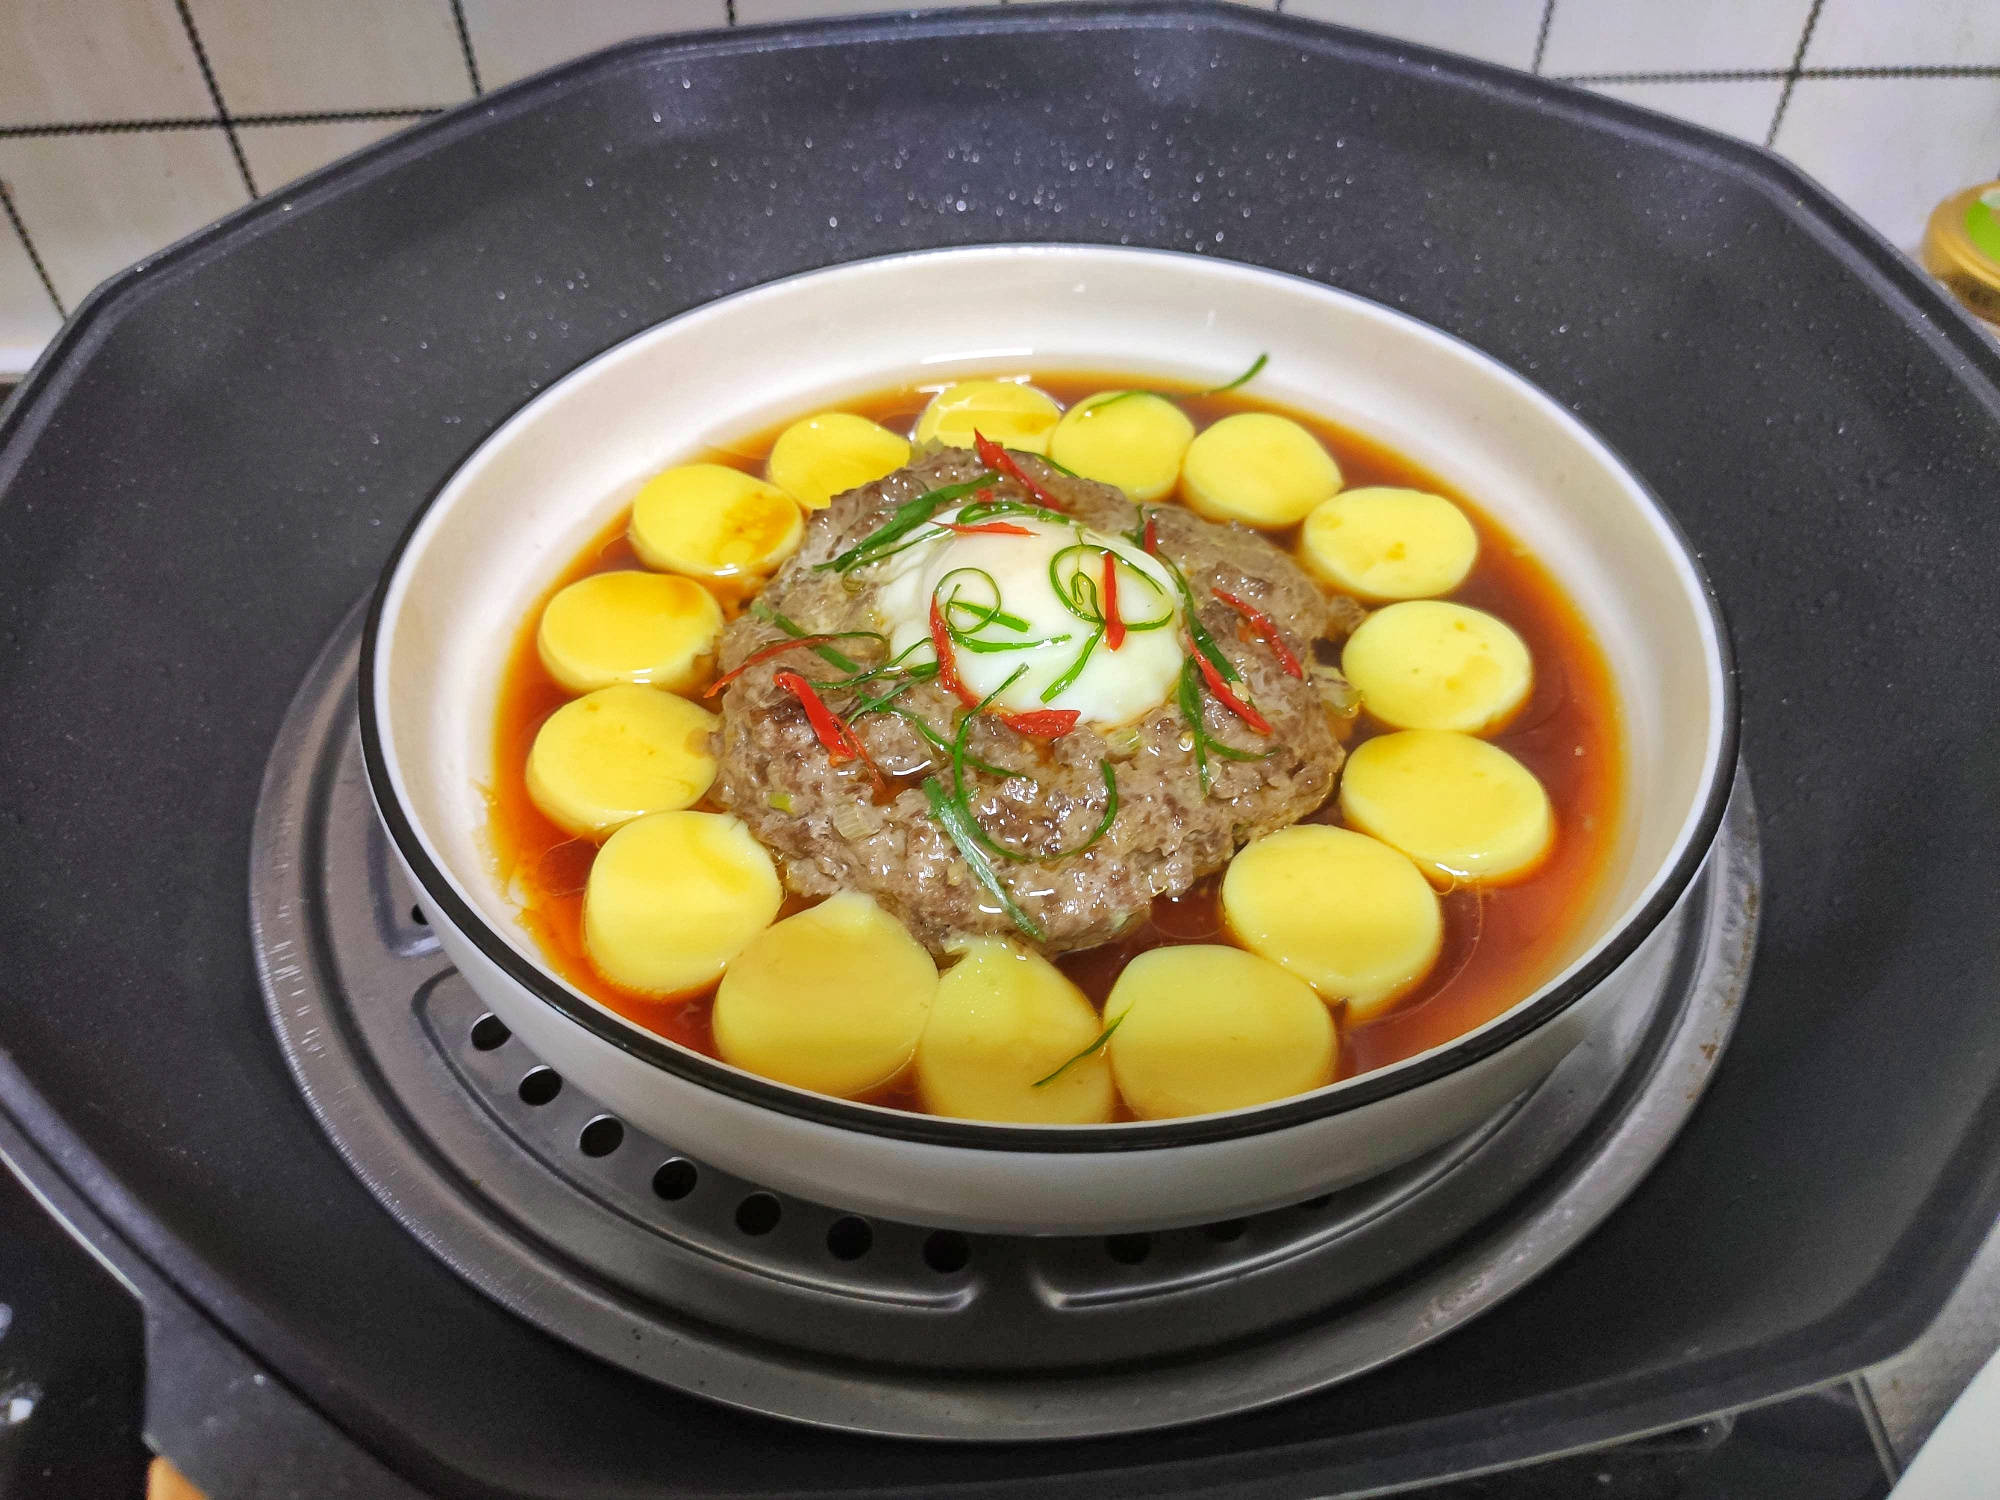 大鱼大肉吃腻了,试试这道蒸菜,鲜嫩好吃营养高,香味十足吃不够